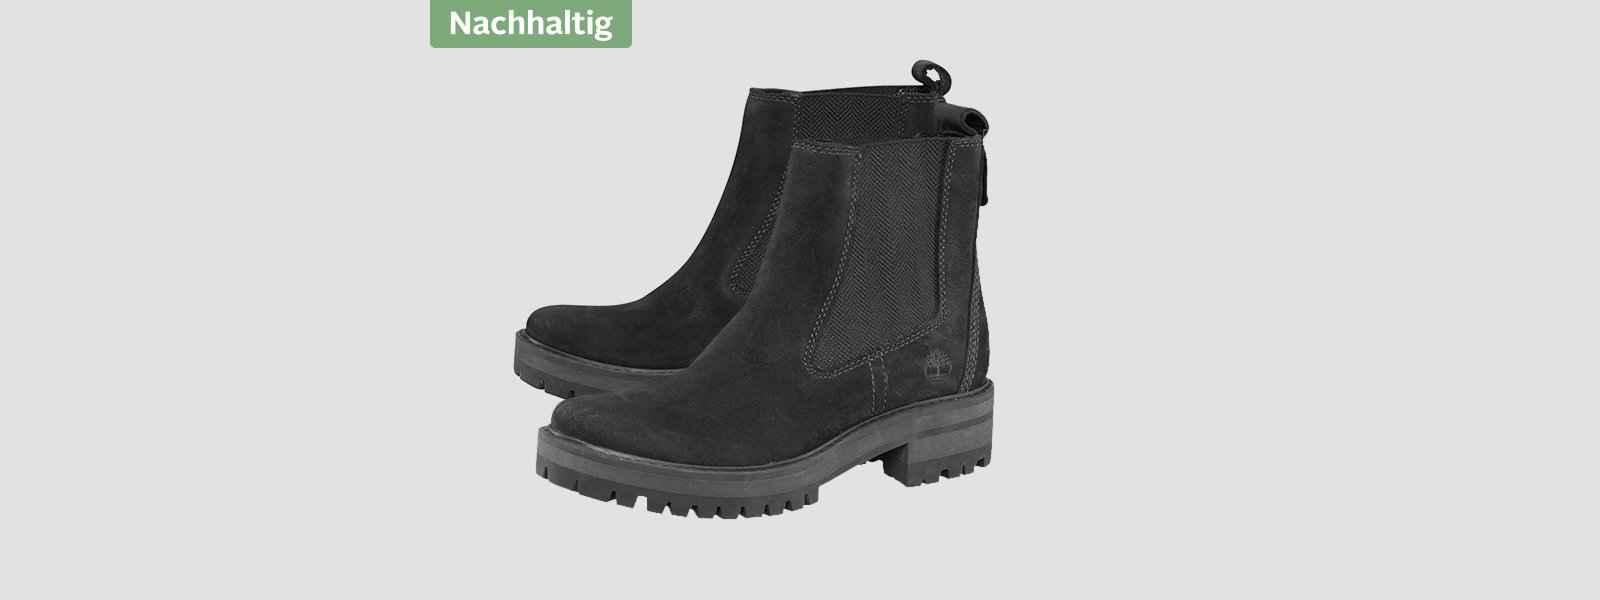 Nachhaltige Damen-Schuhe